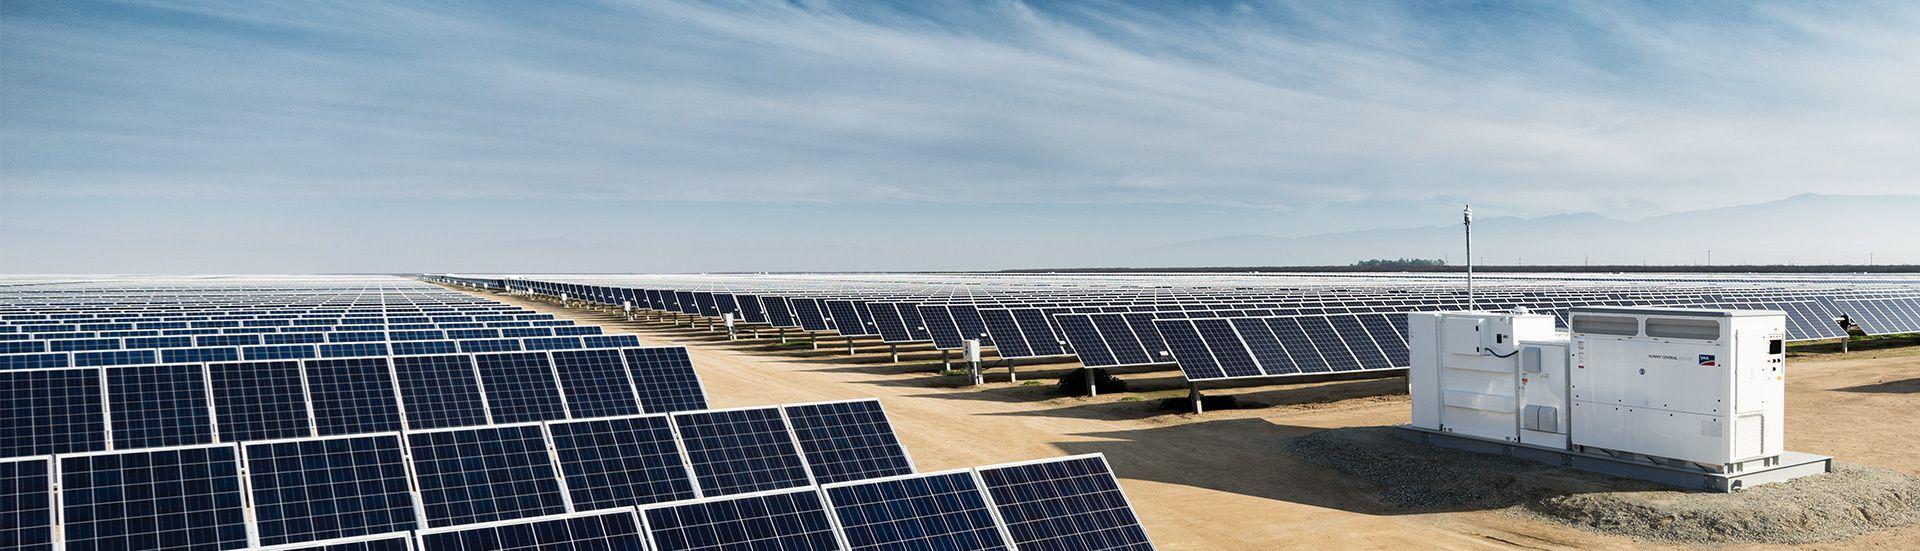 年发电量30亿千瓦时:陕西拟投建风电、光伏发电平价上网项目